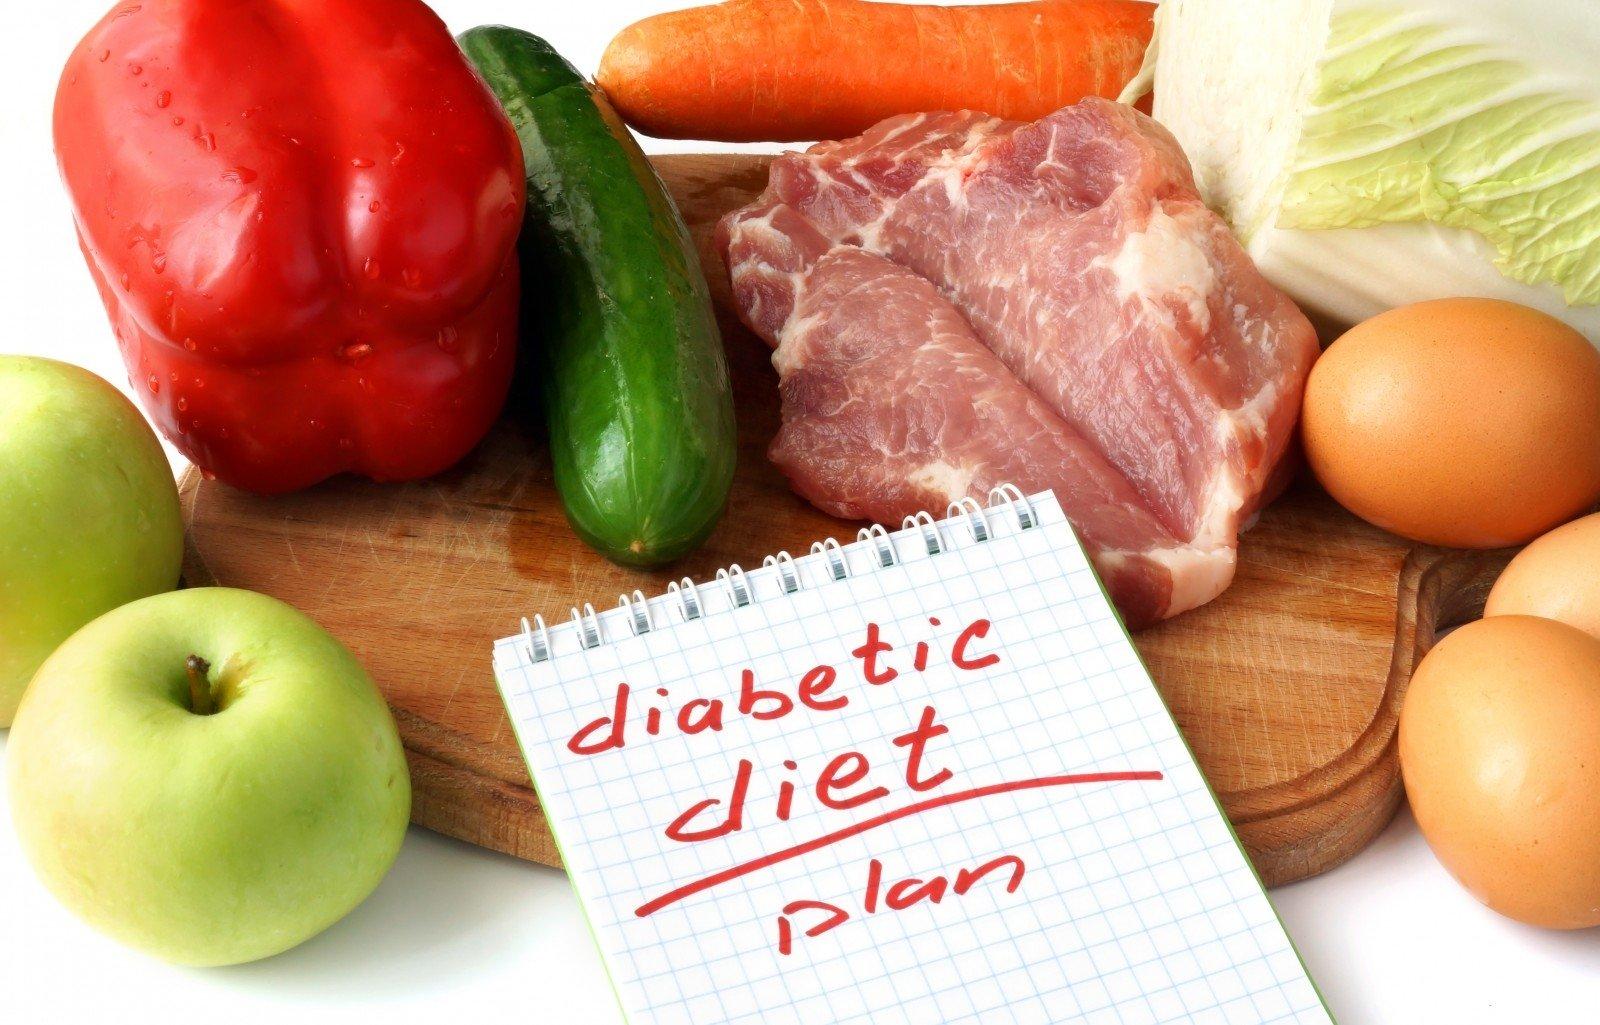 sergant hipertenzija, galite valgyti mėsą